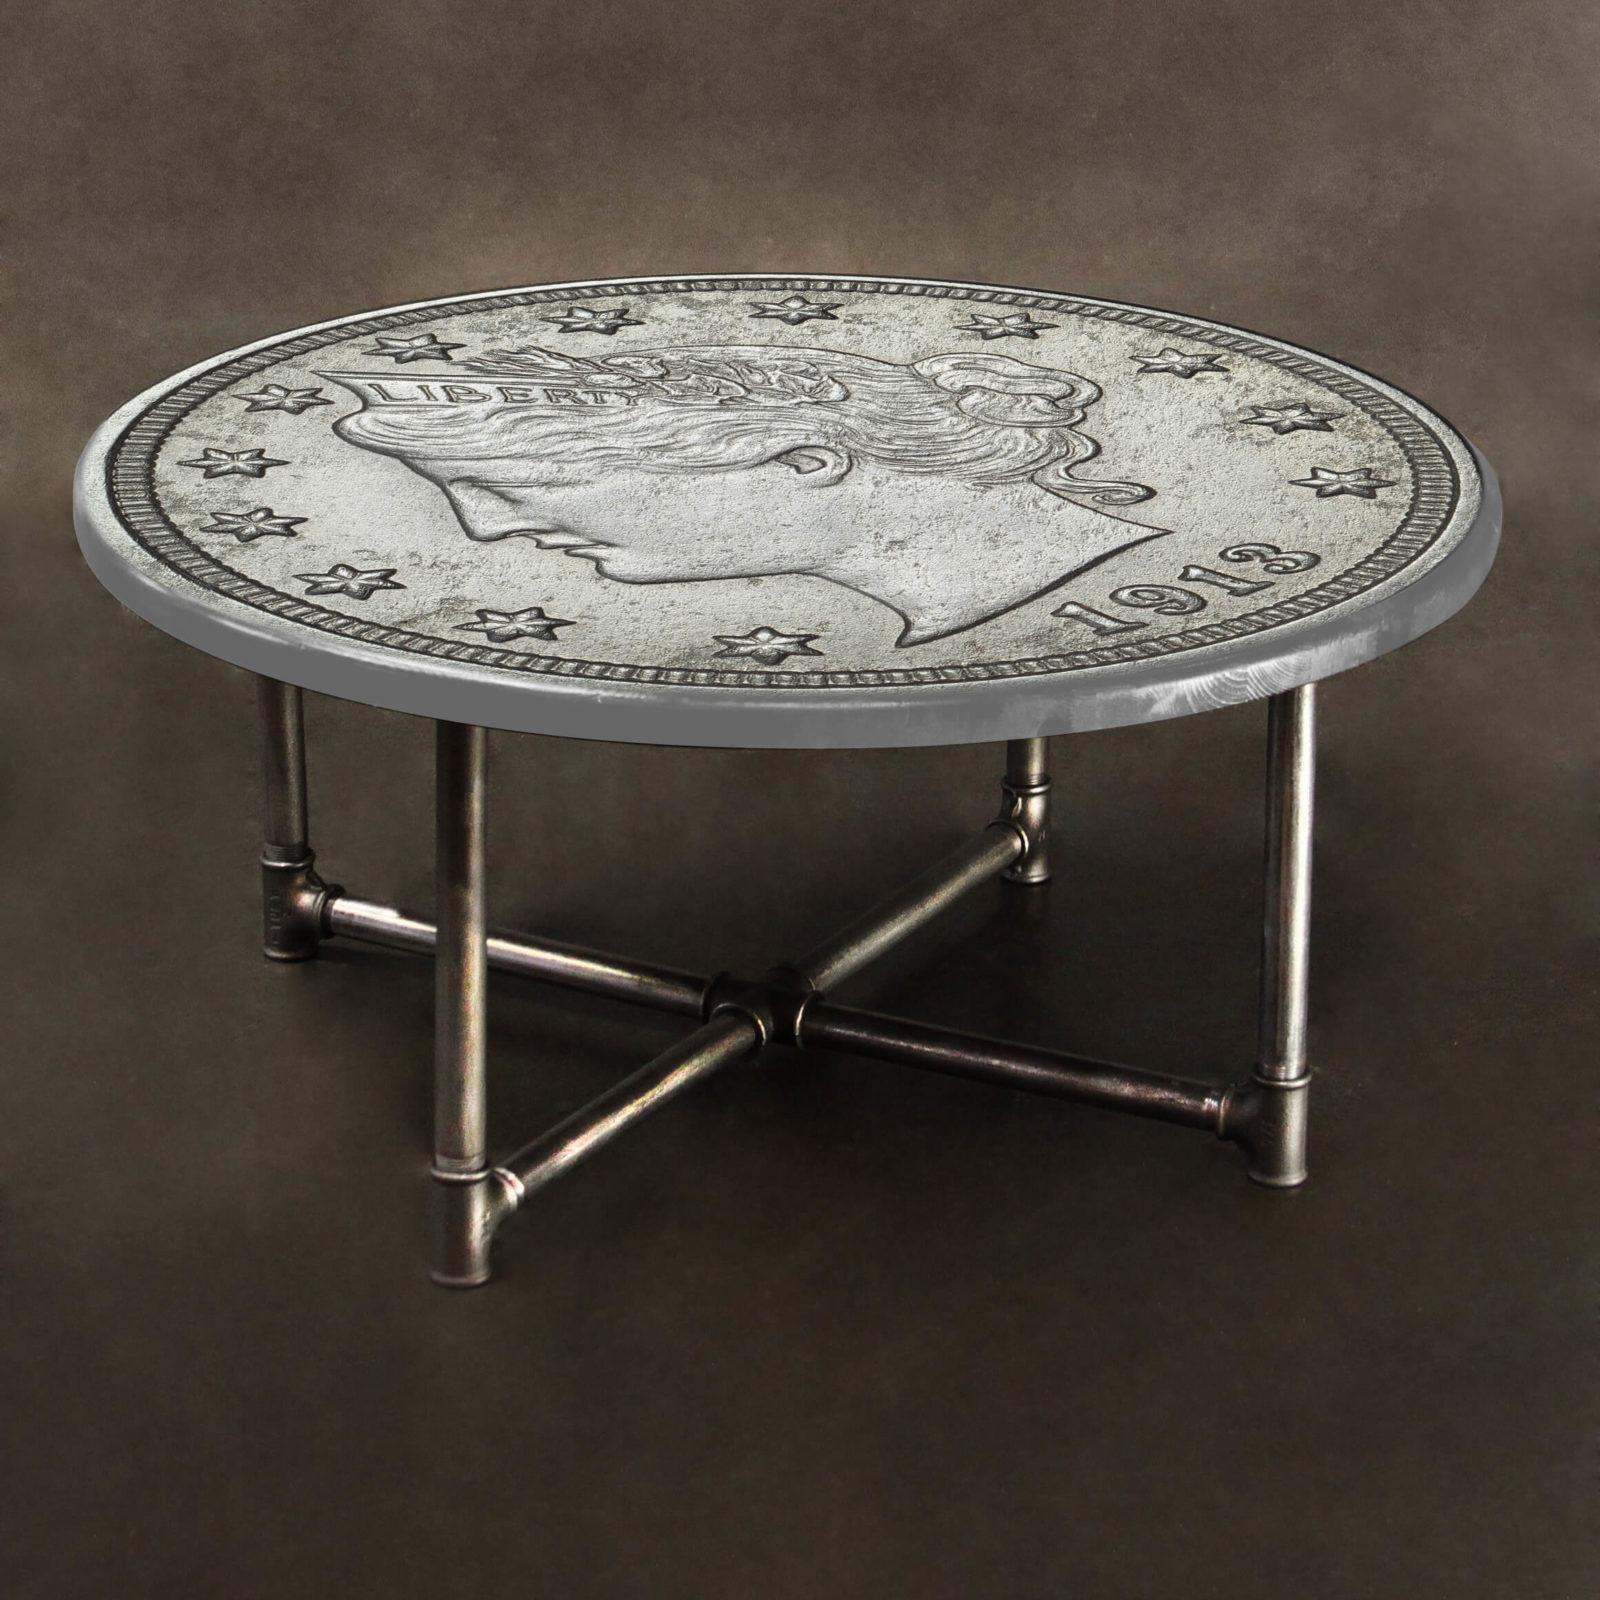 10 самых оригинальных предметов мебели в мире